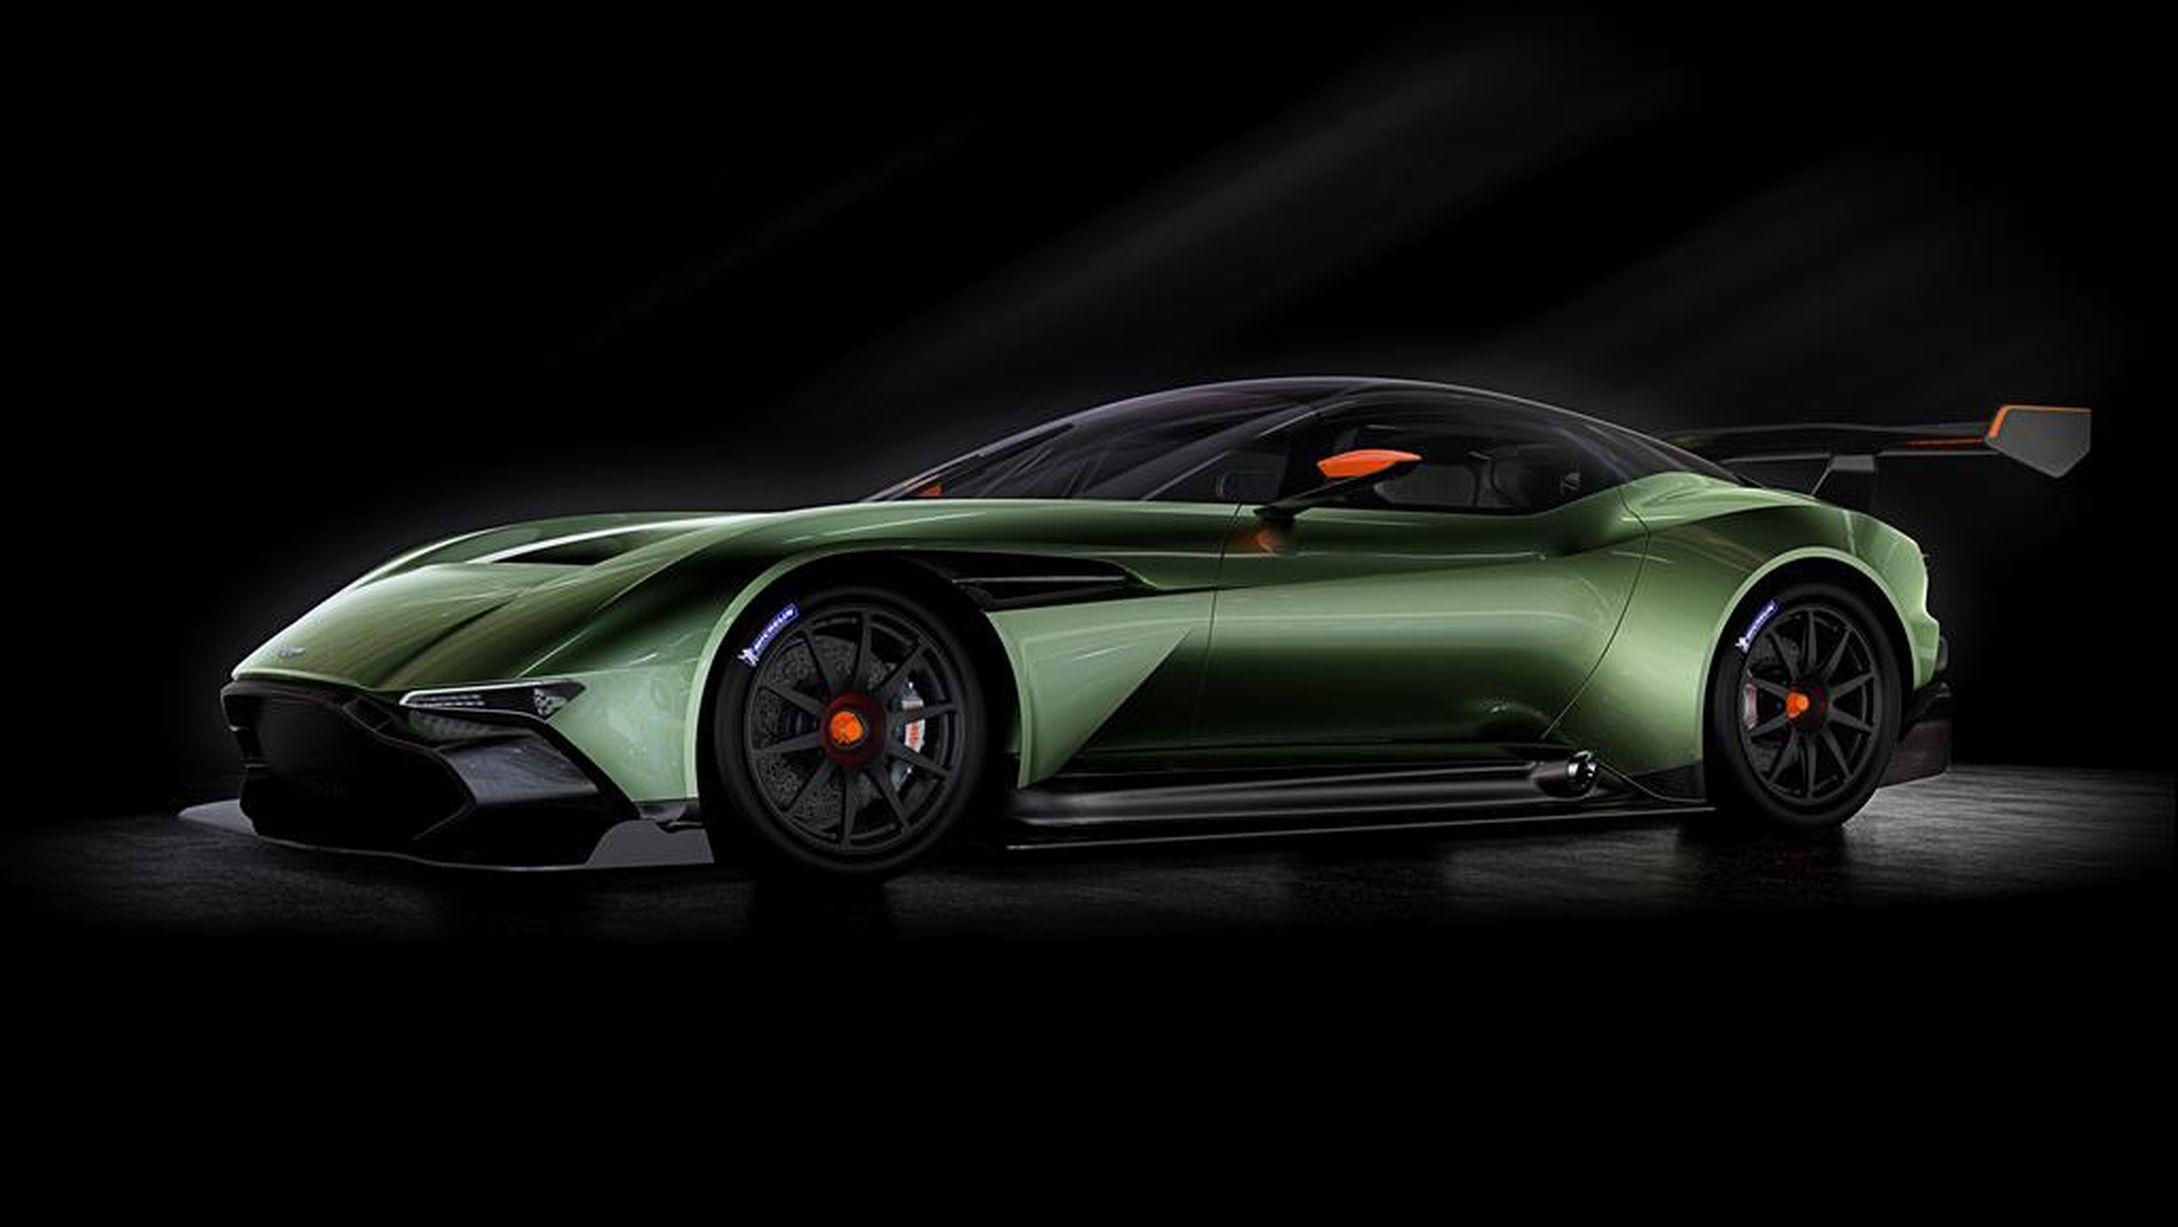 Aston Martin's Hyper Car